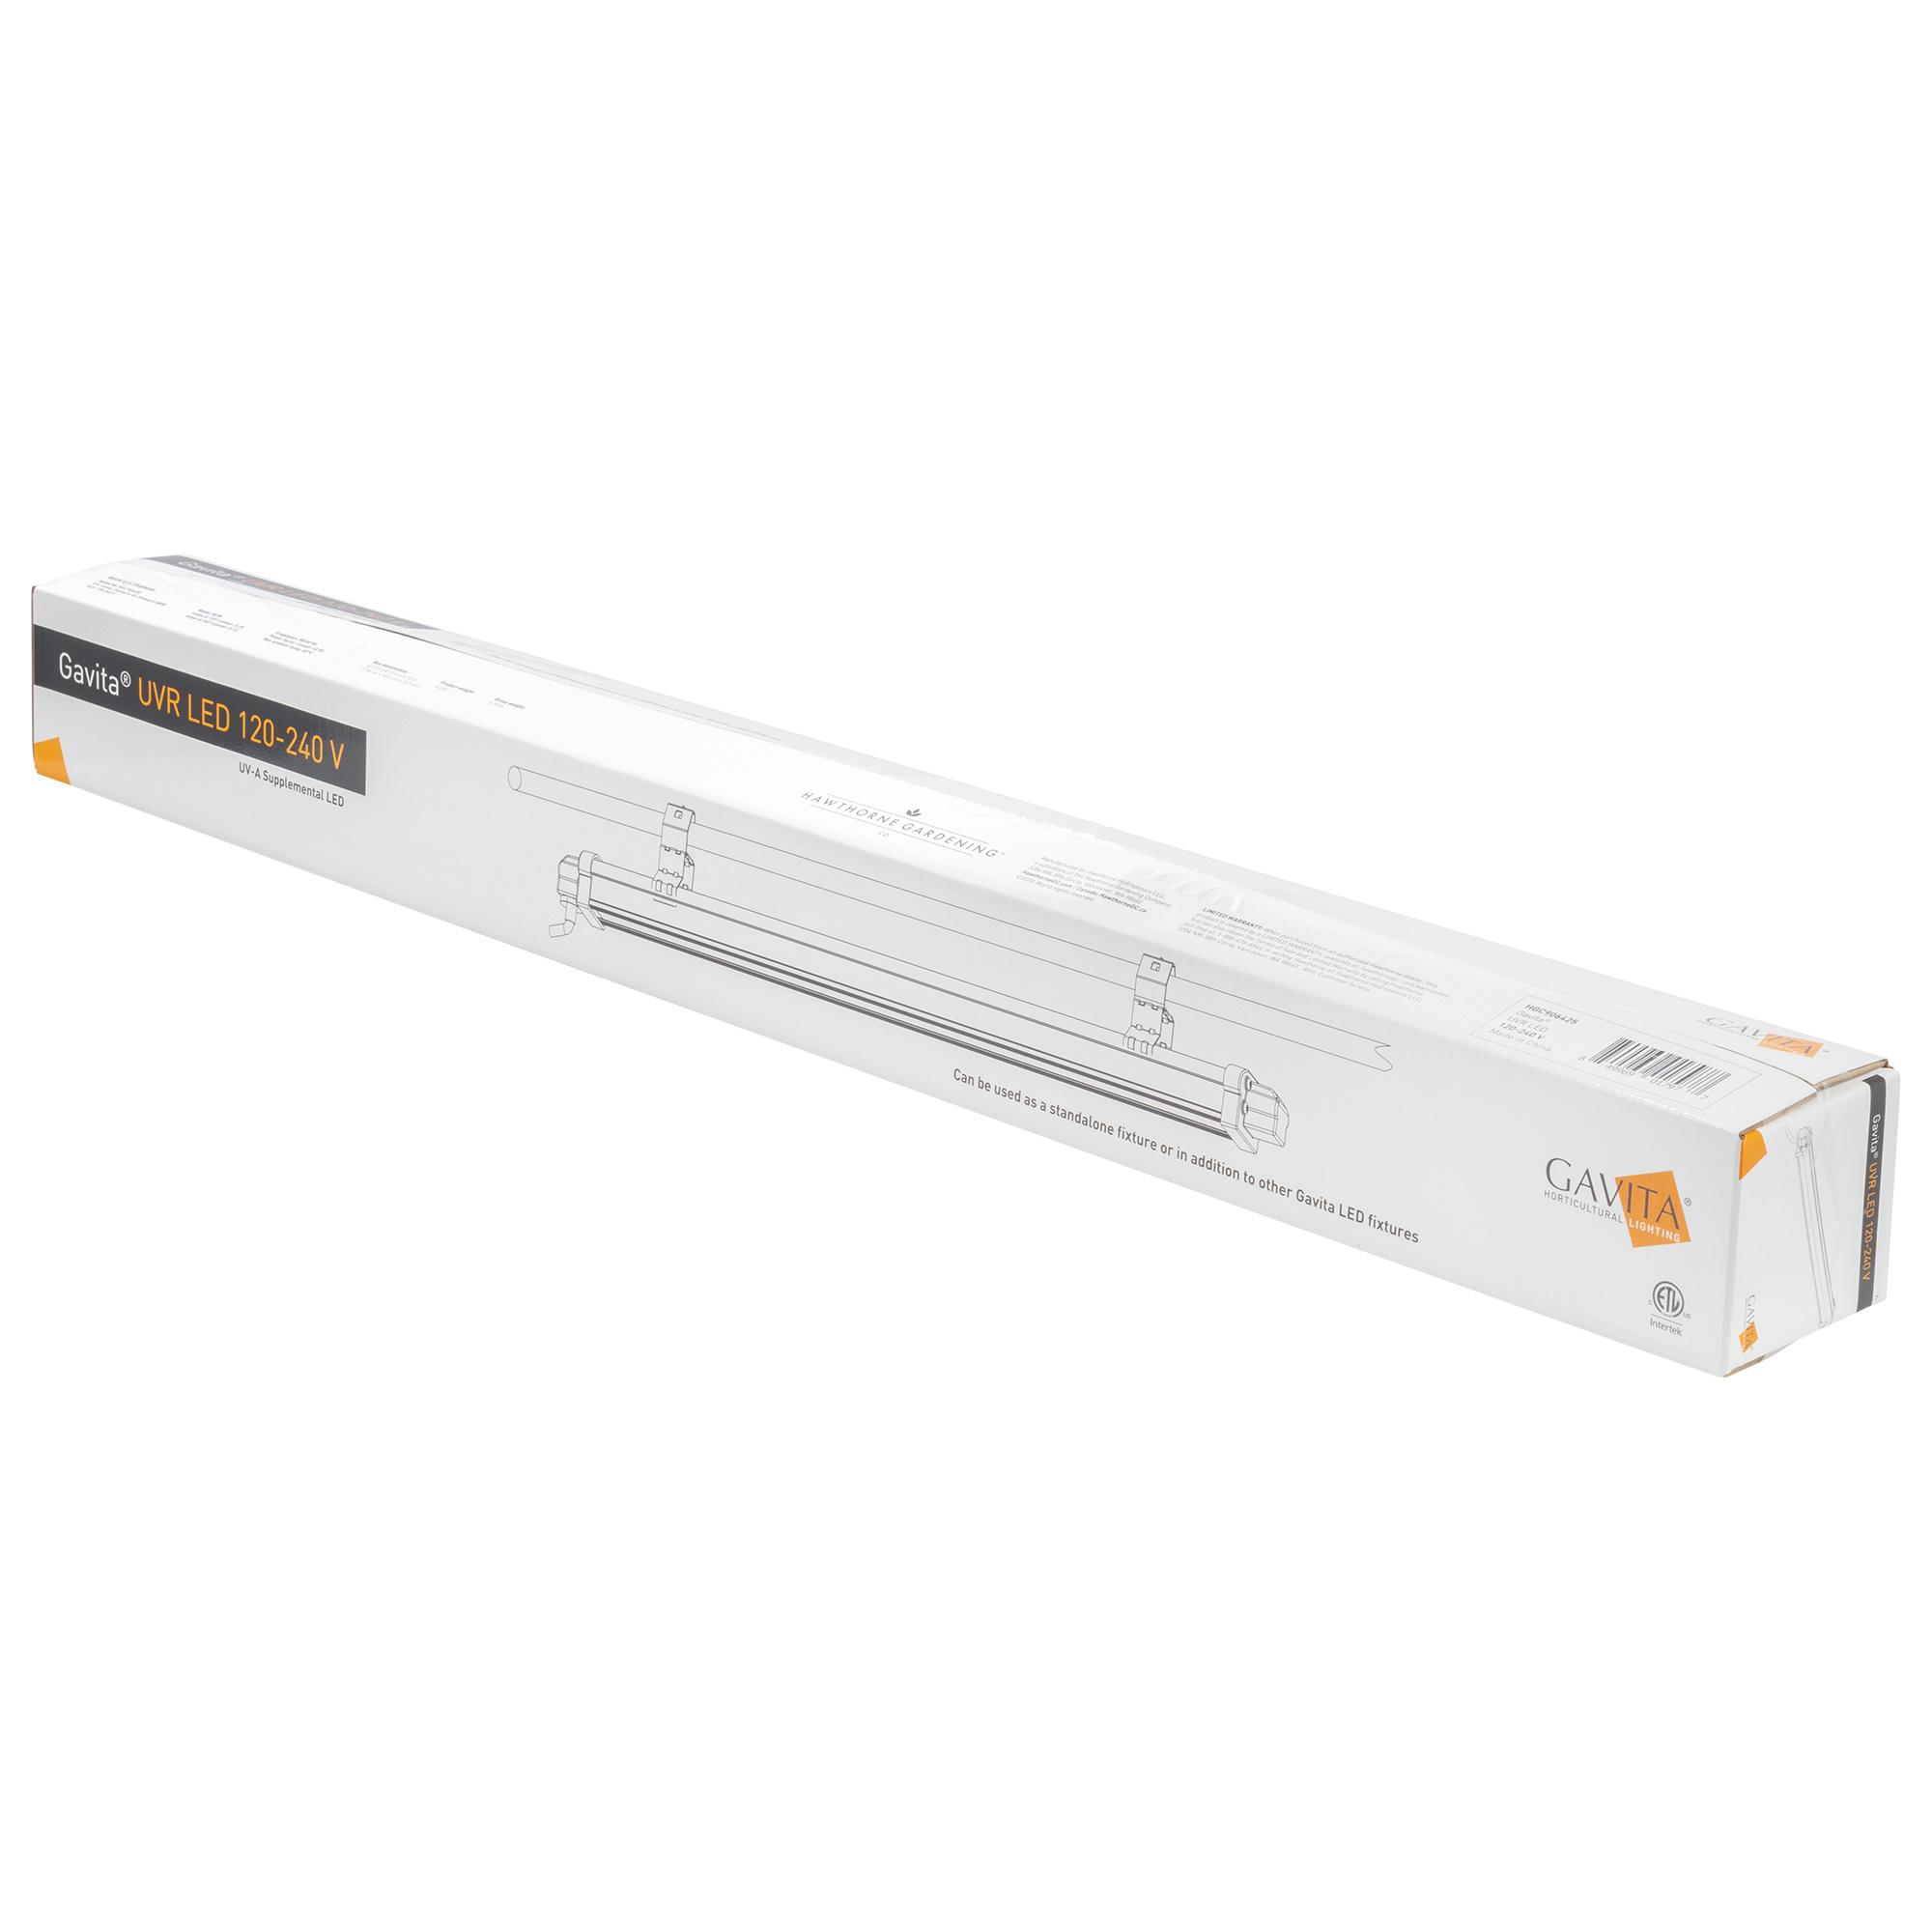 Gavita Gavita - UVR LED 120-240V